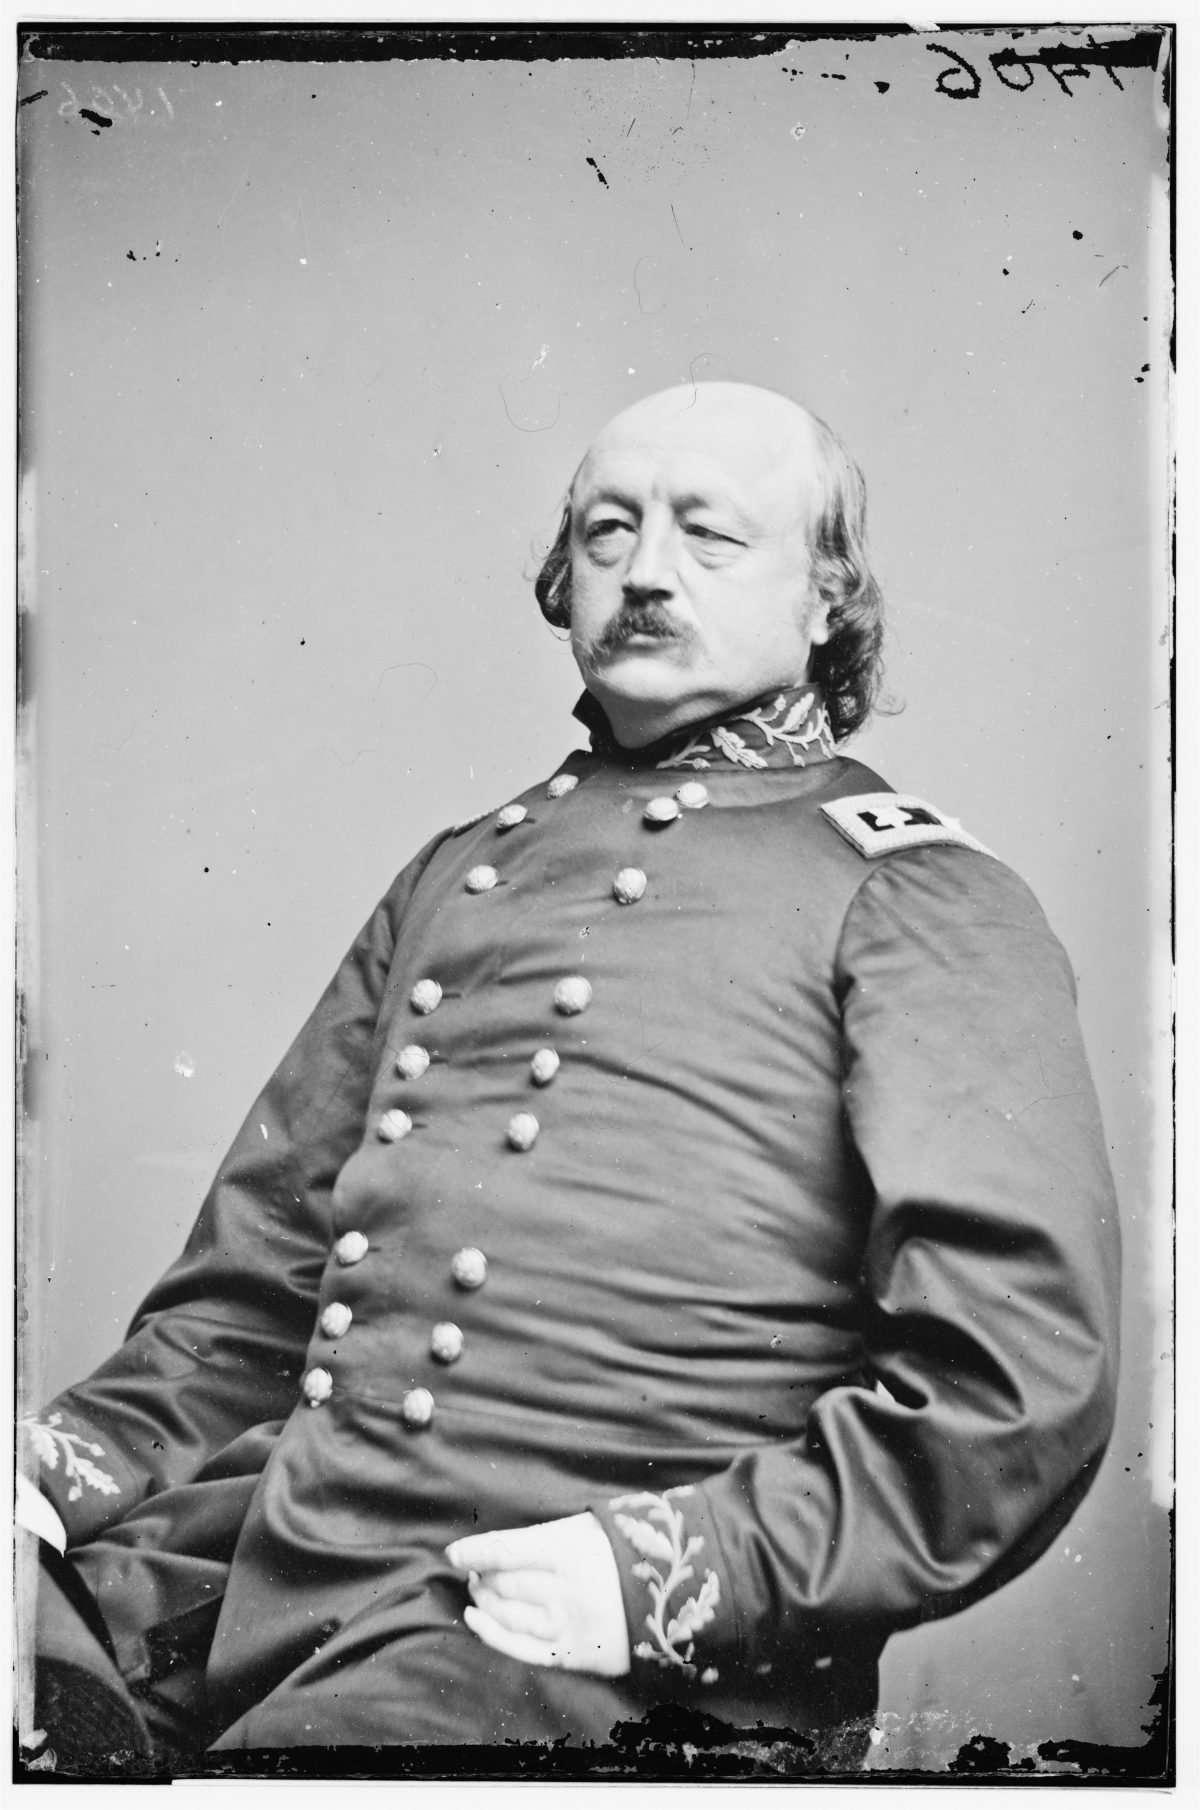 Major General Benjamin F. Butler